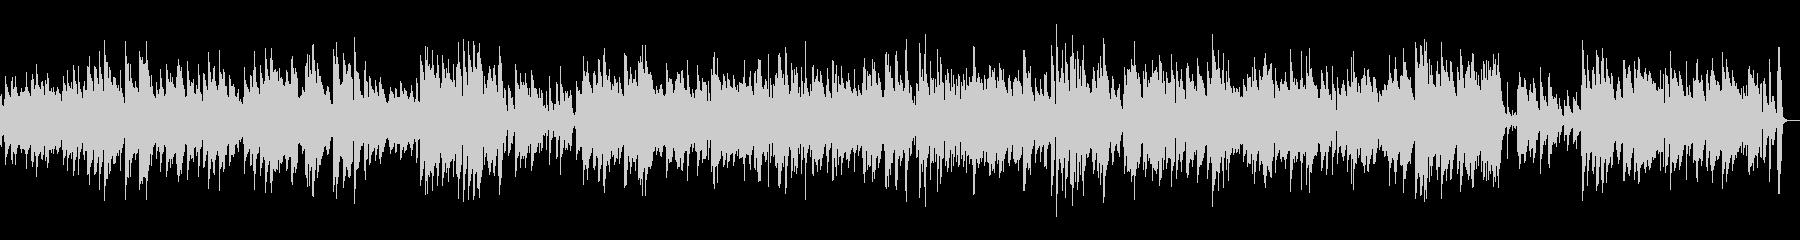 ビブラフォンの音色が優しいジャズの未再生の波形